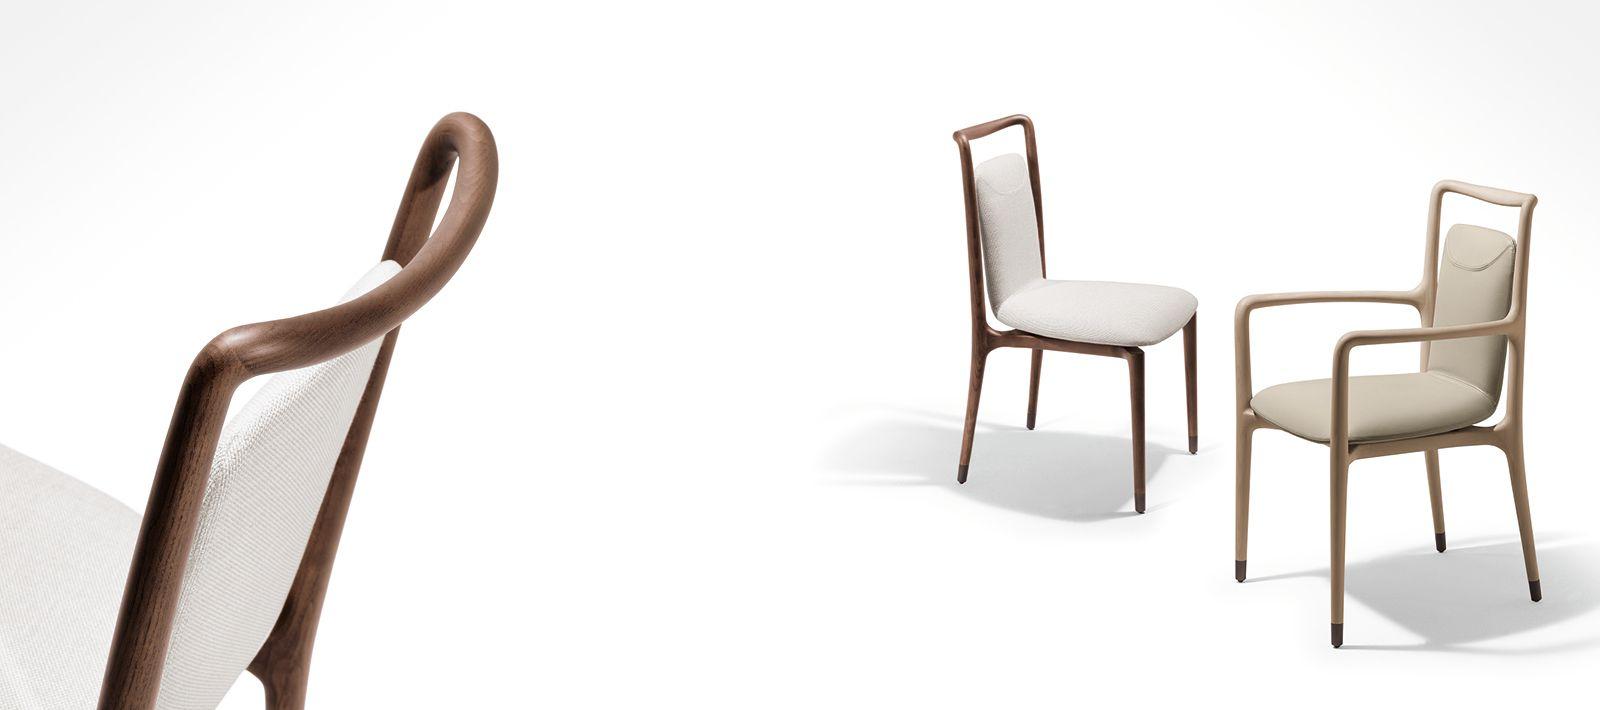 Furniture, Chair, Home decor